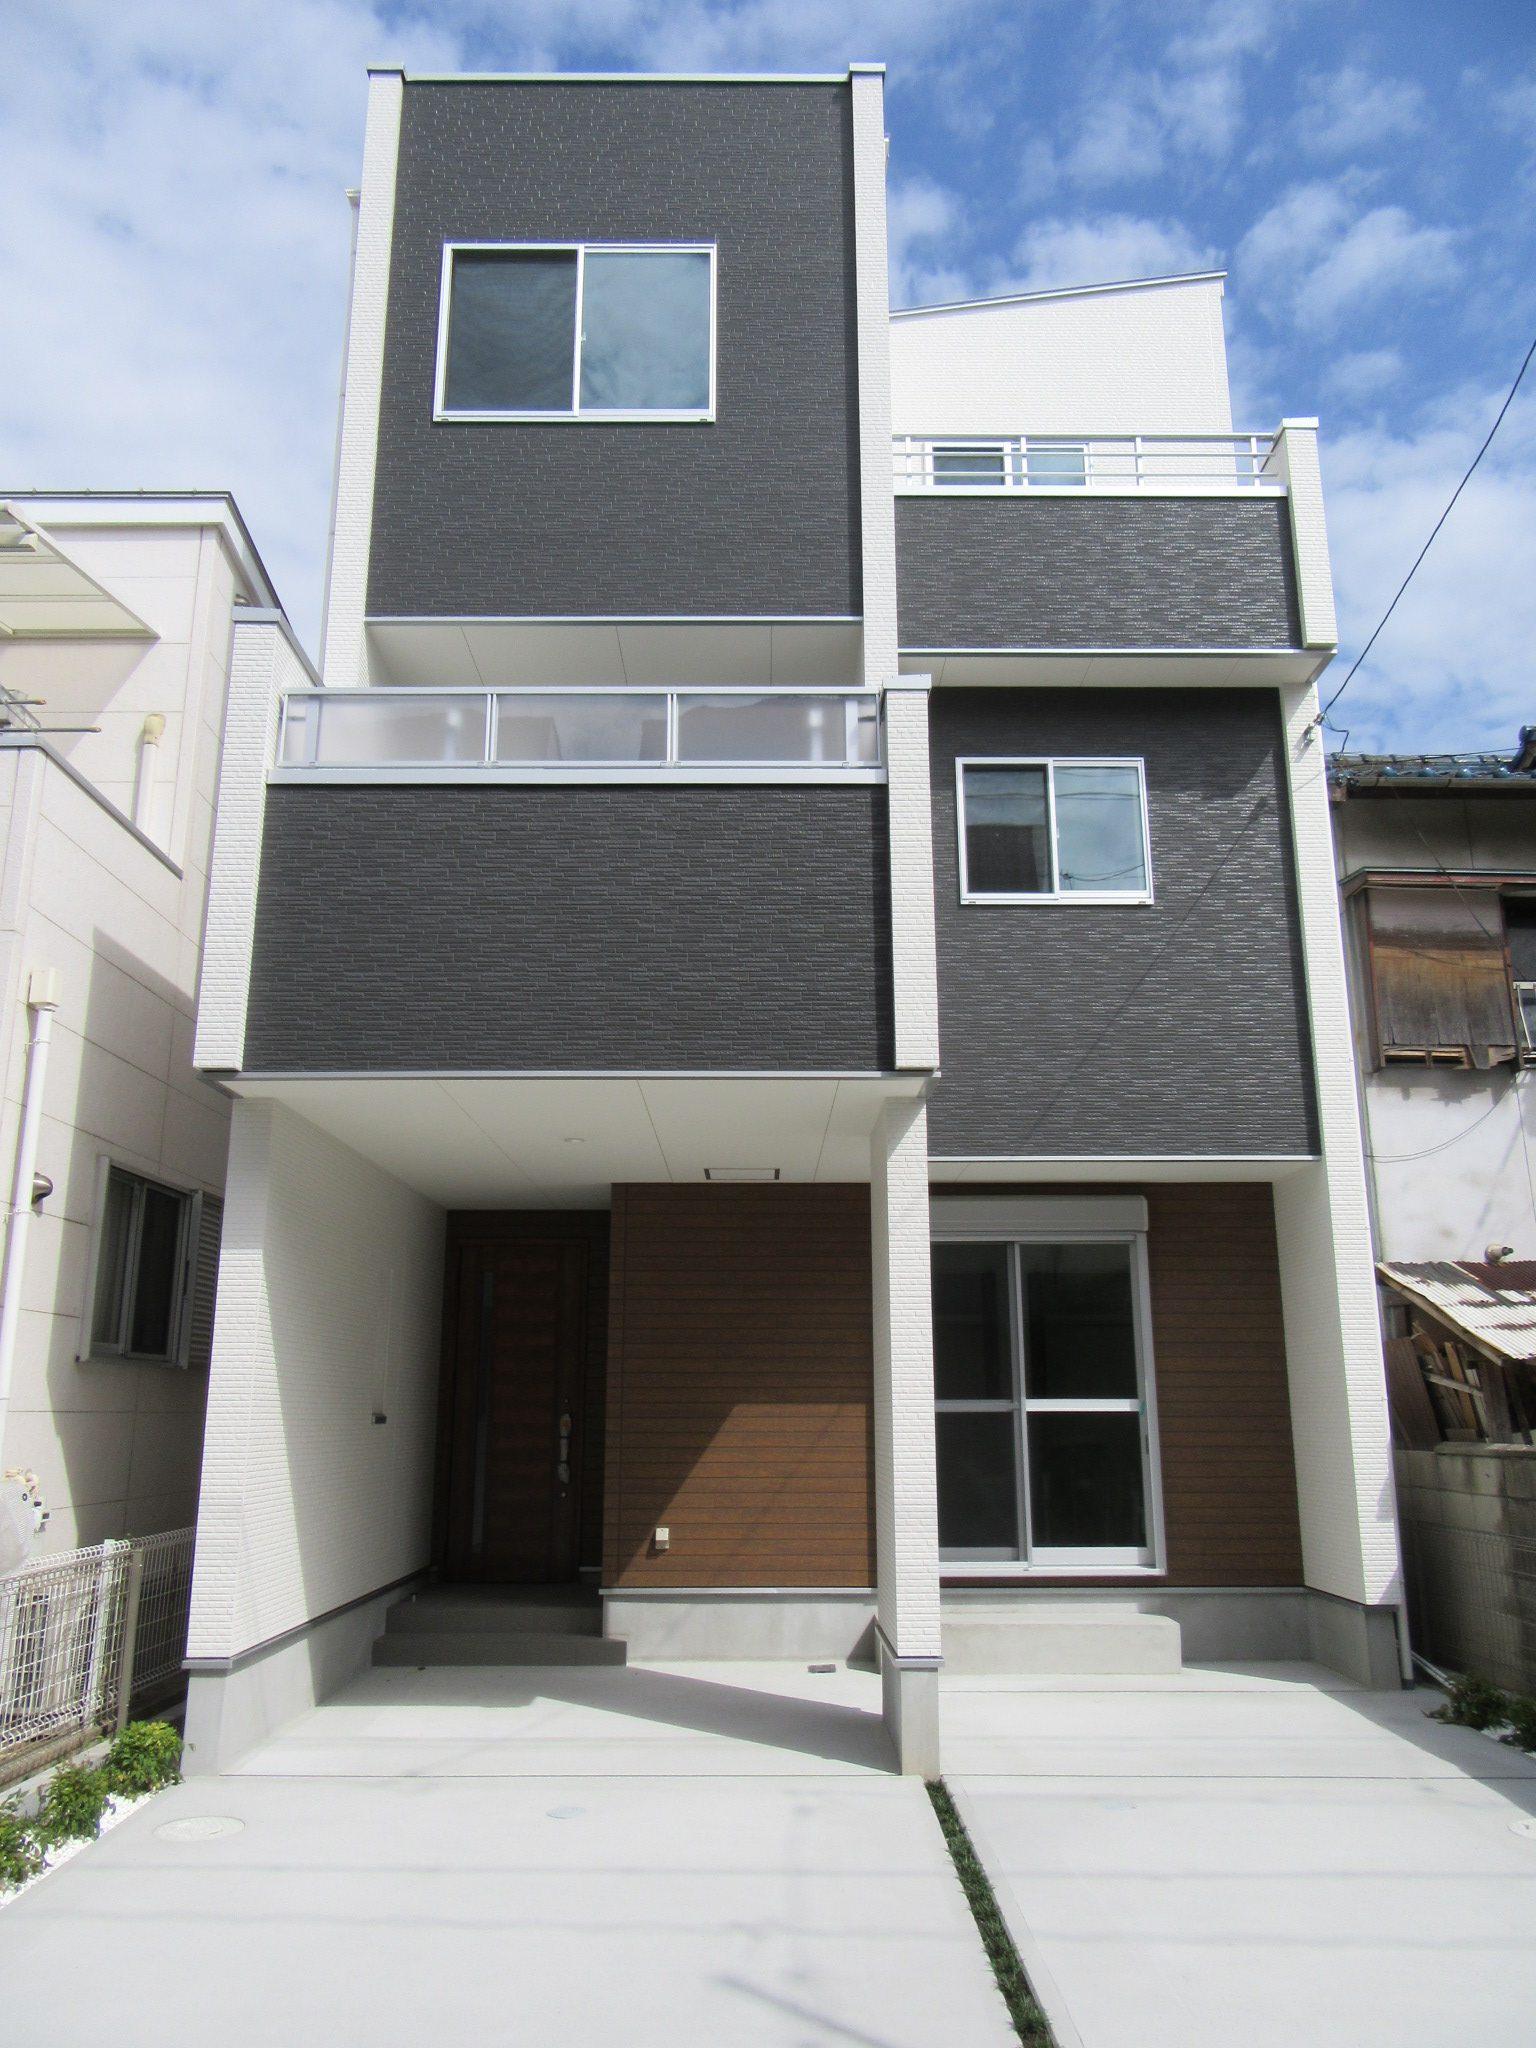 【北区のランド】清須・西枇杷島の家